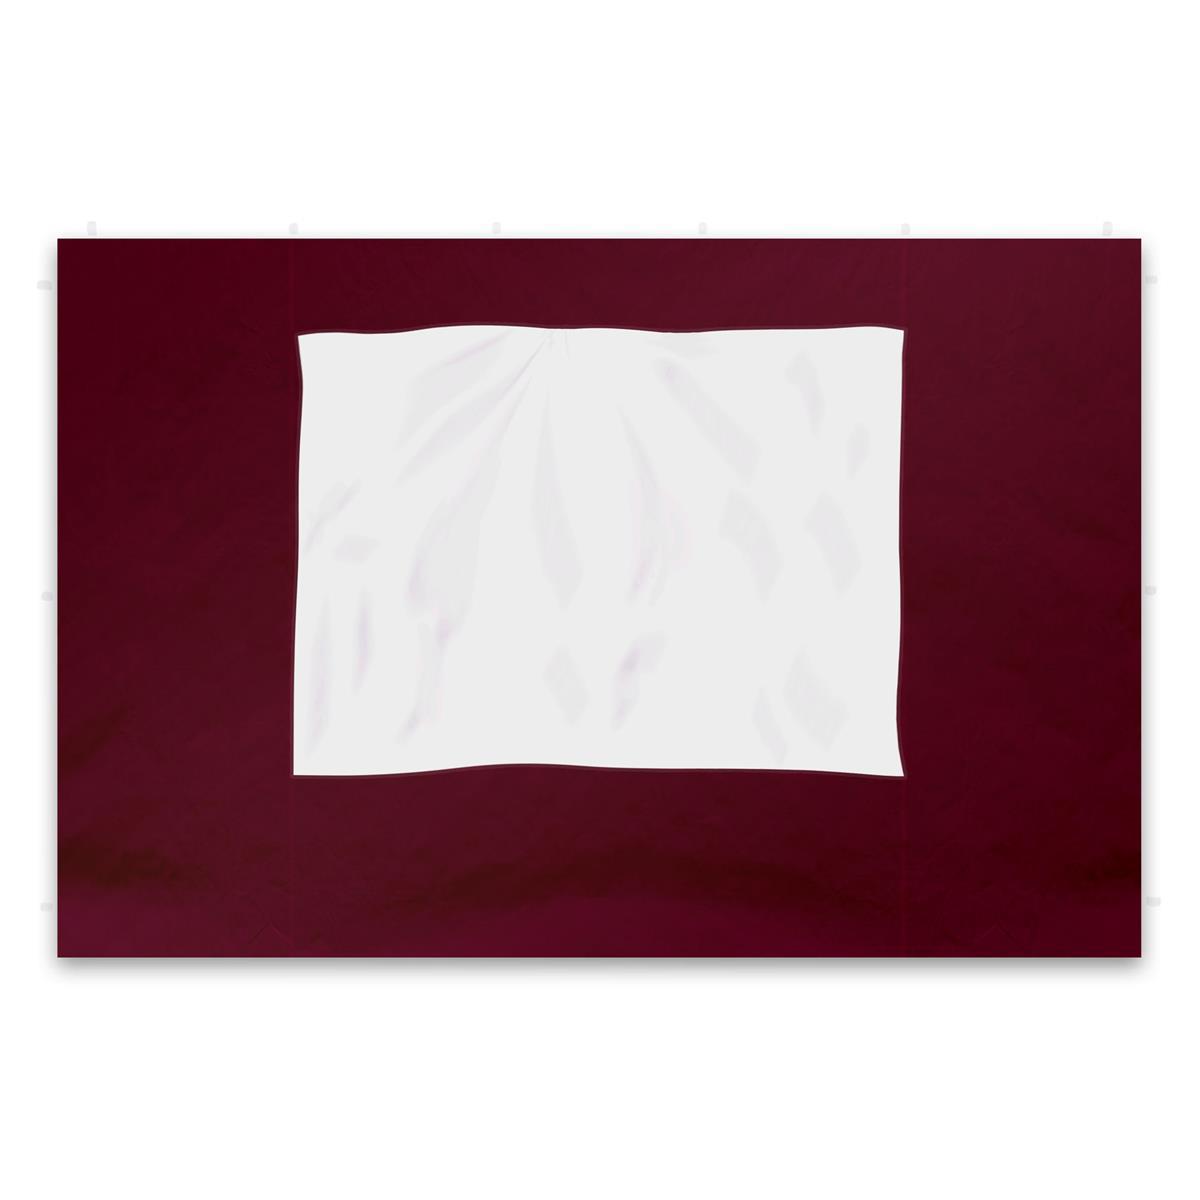 2 Seitenteile für PROFI Falt Pavillon burgund mit Fenster Polyester PA-coated